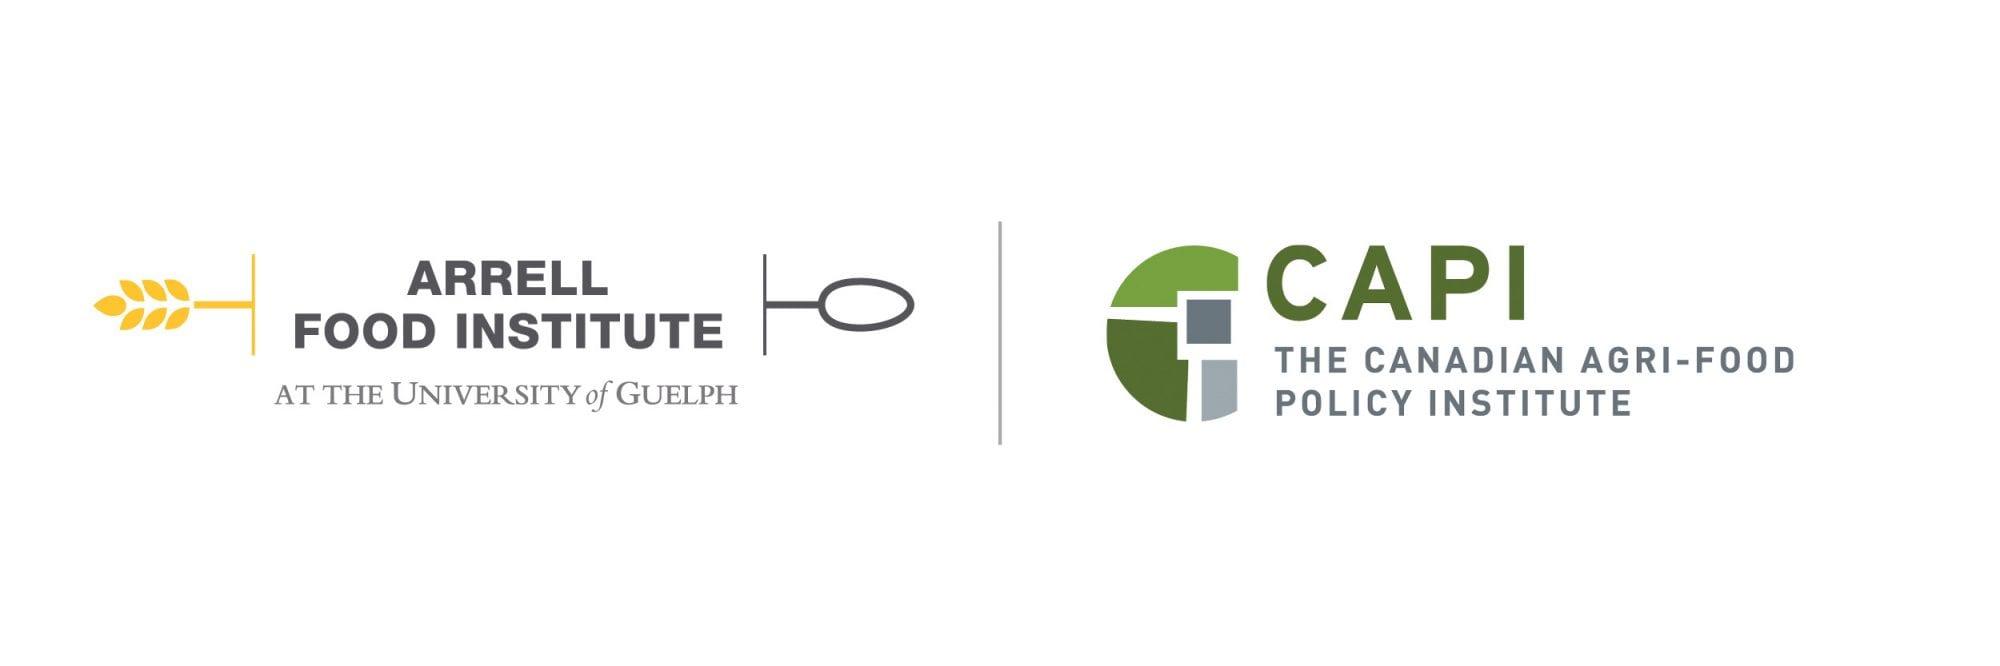 logos of AFI and CAPI